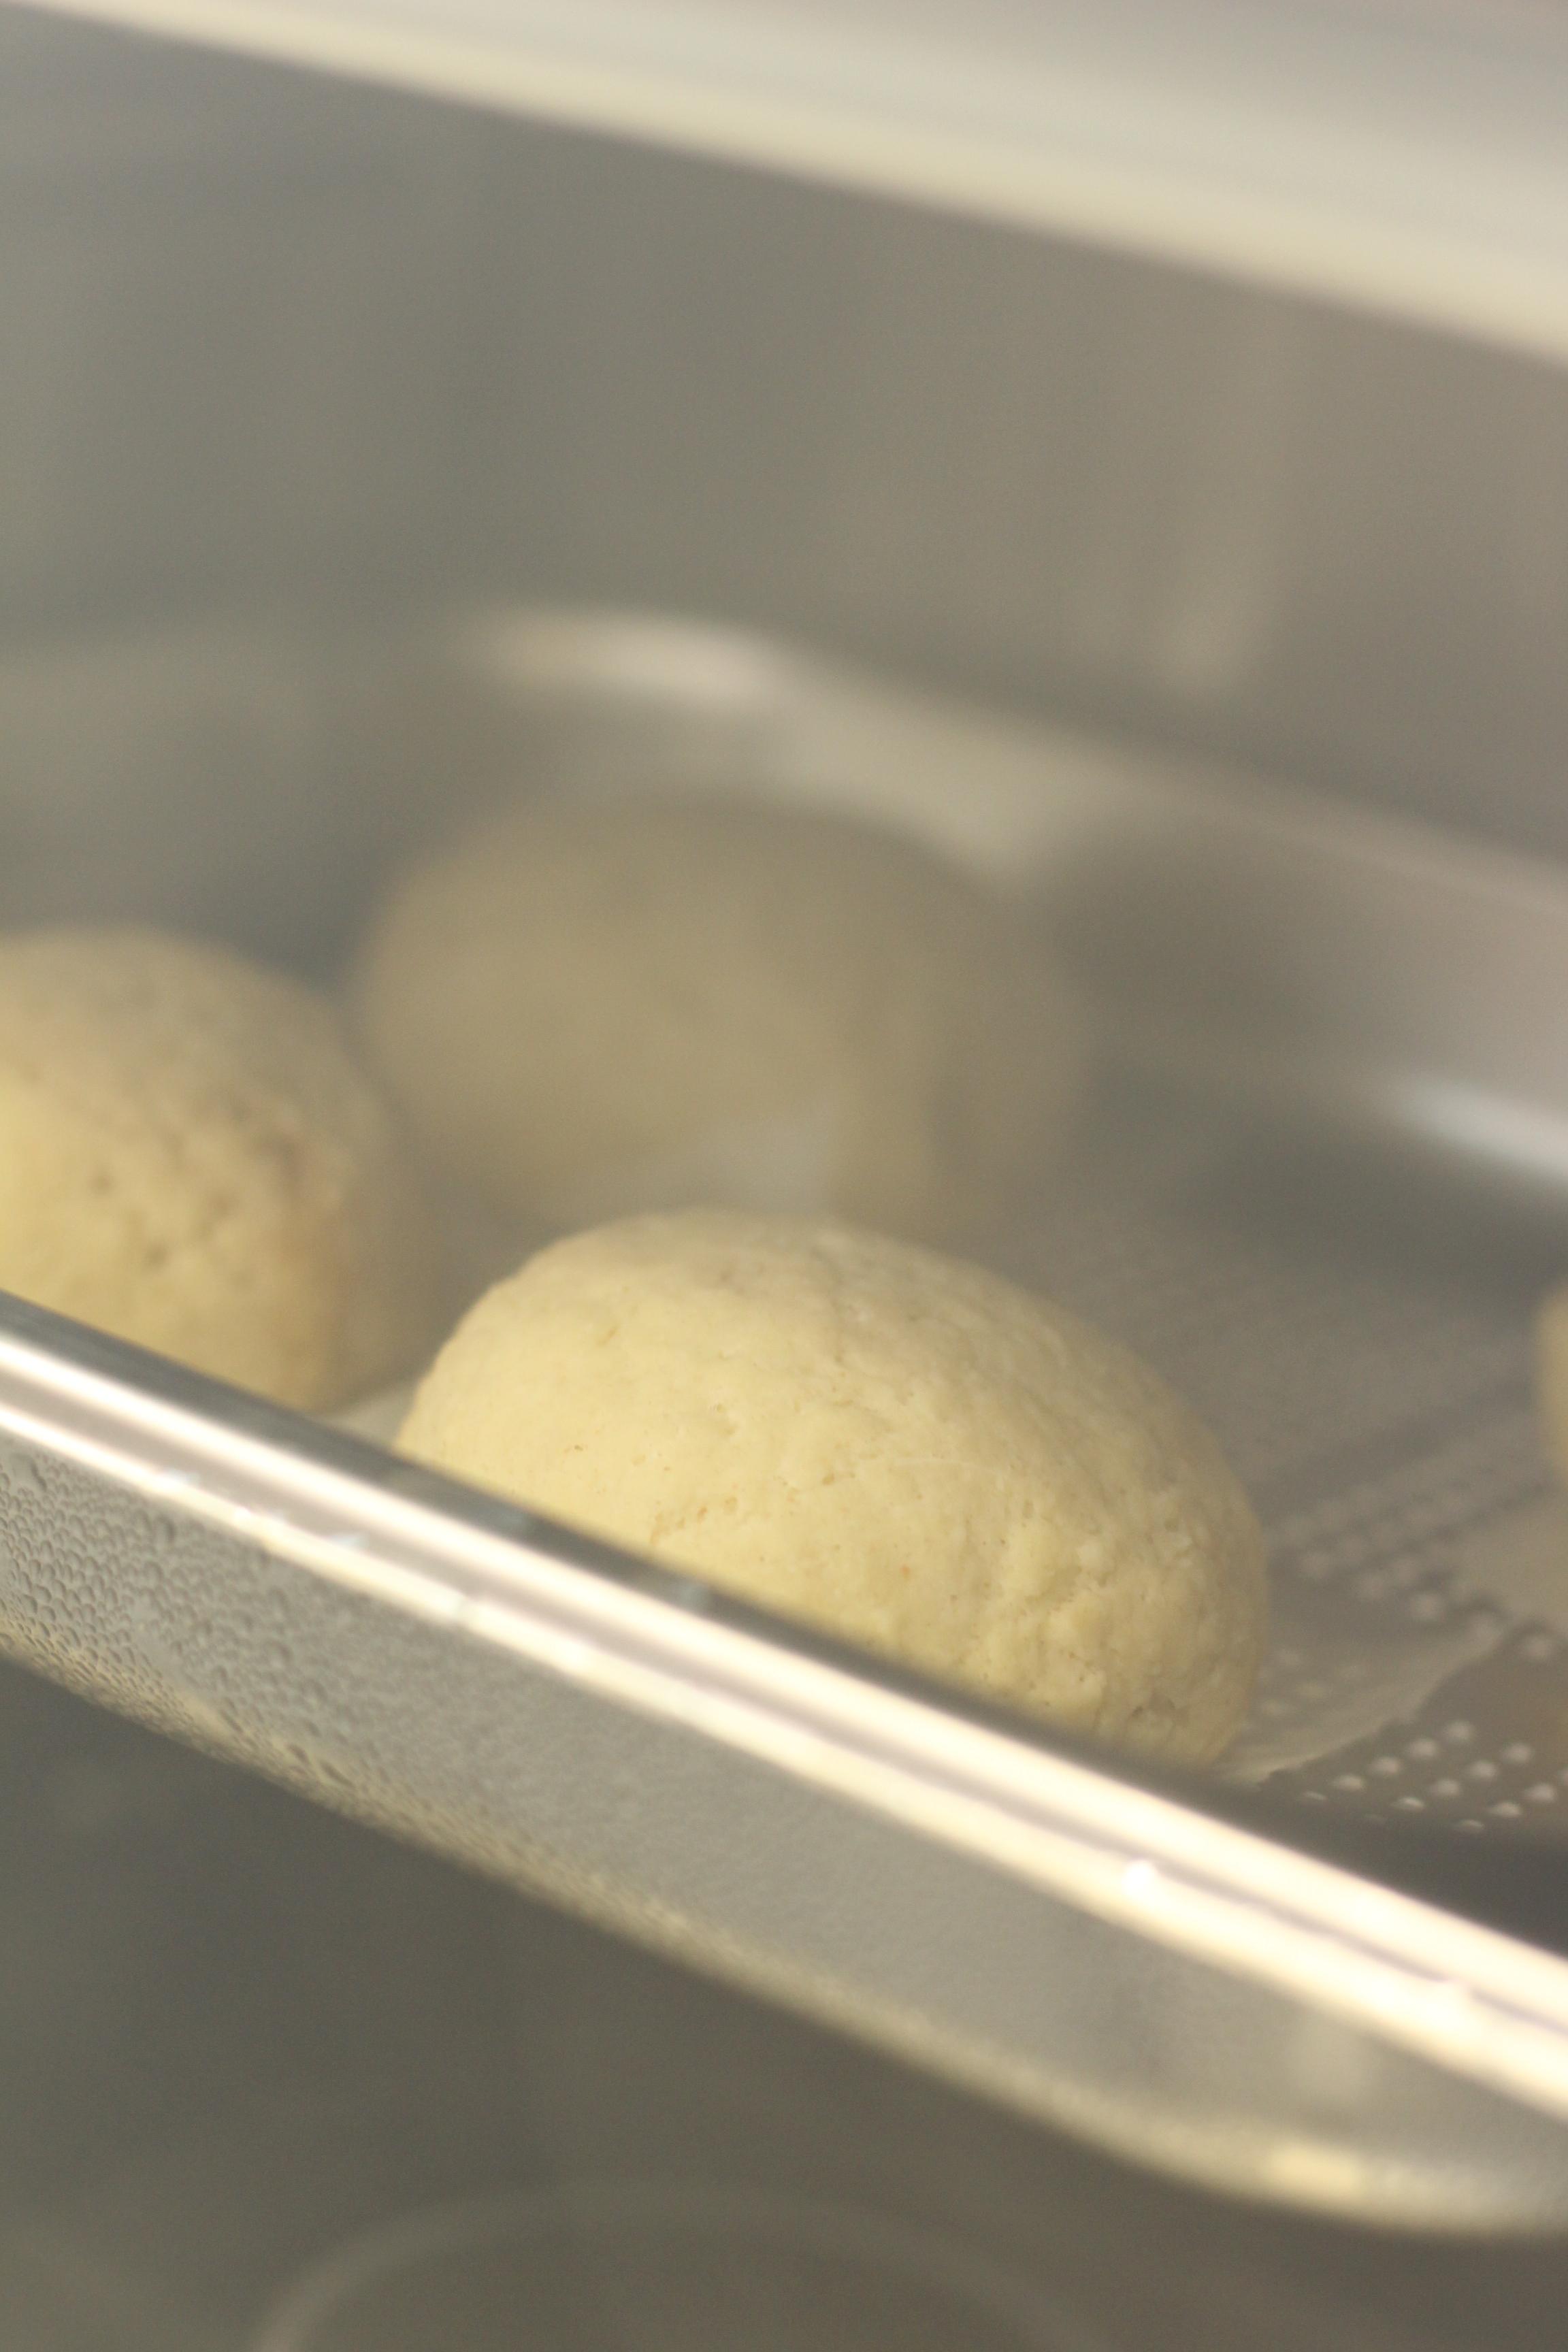 京都江部粉・糖質制限中華の最終チェック、アタサンテ・糖質制限パン料理教室、阿倍野区西田辺。